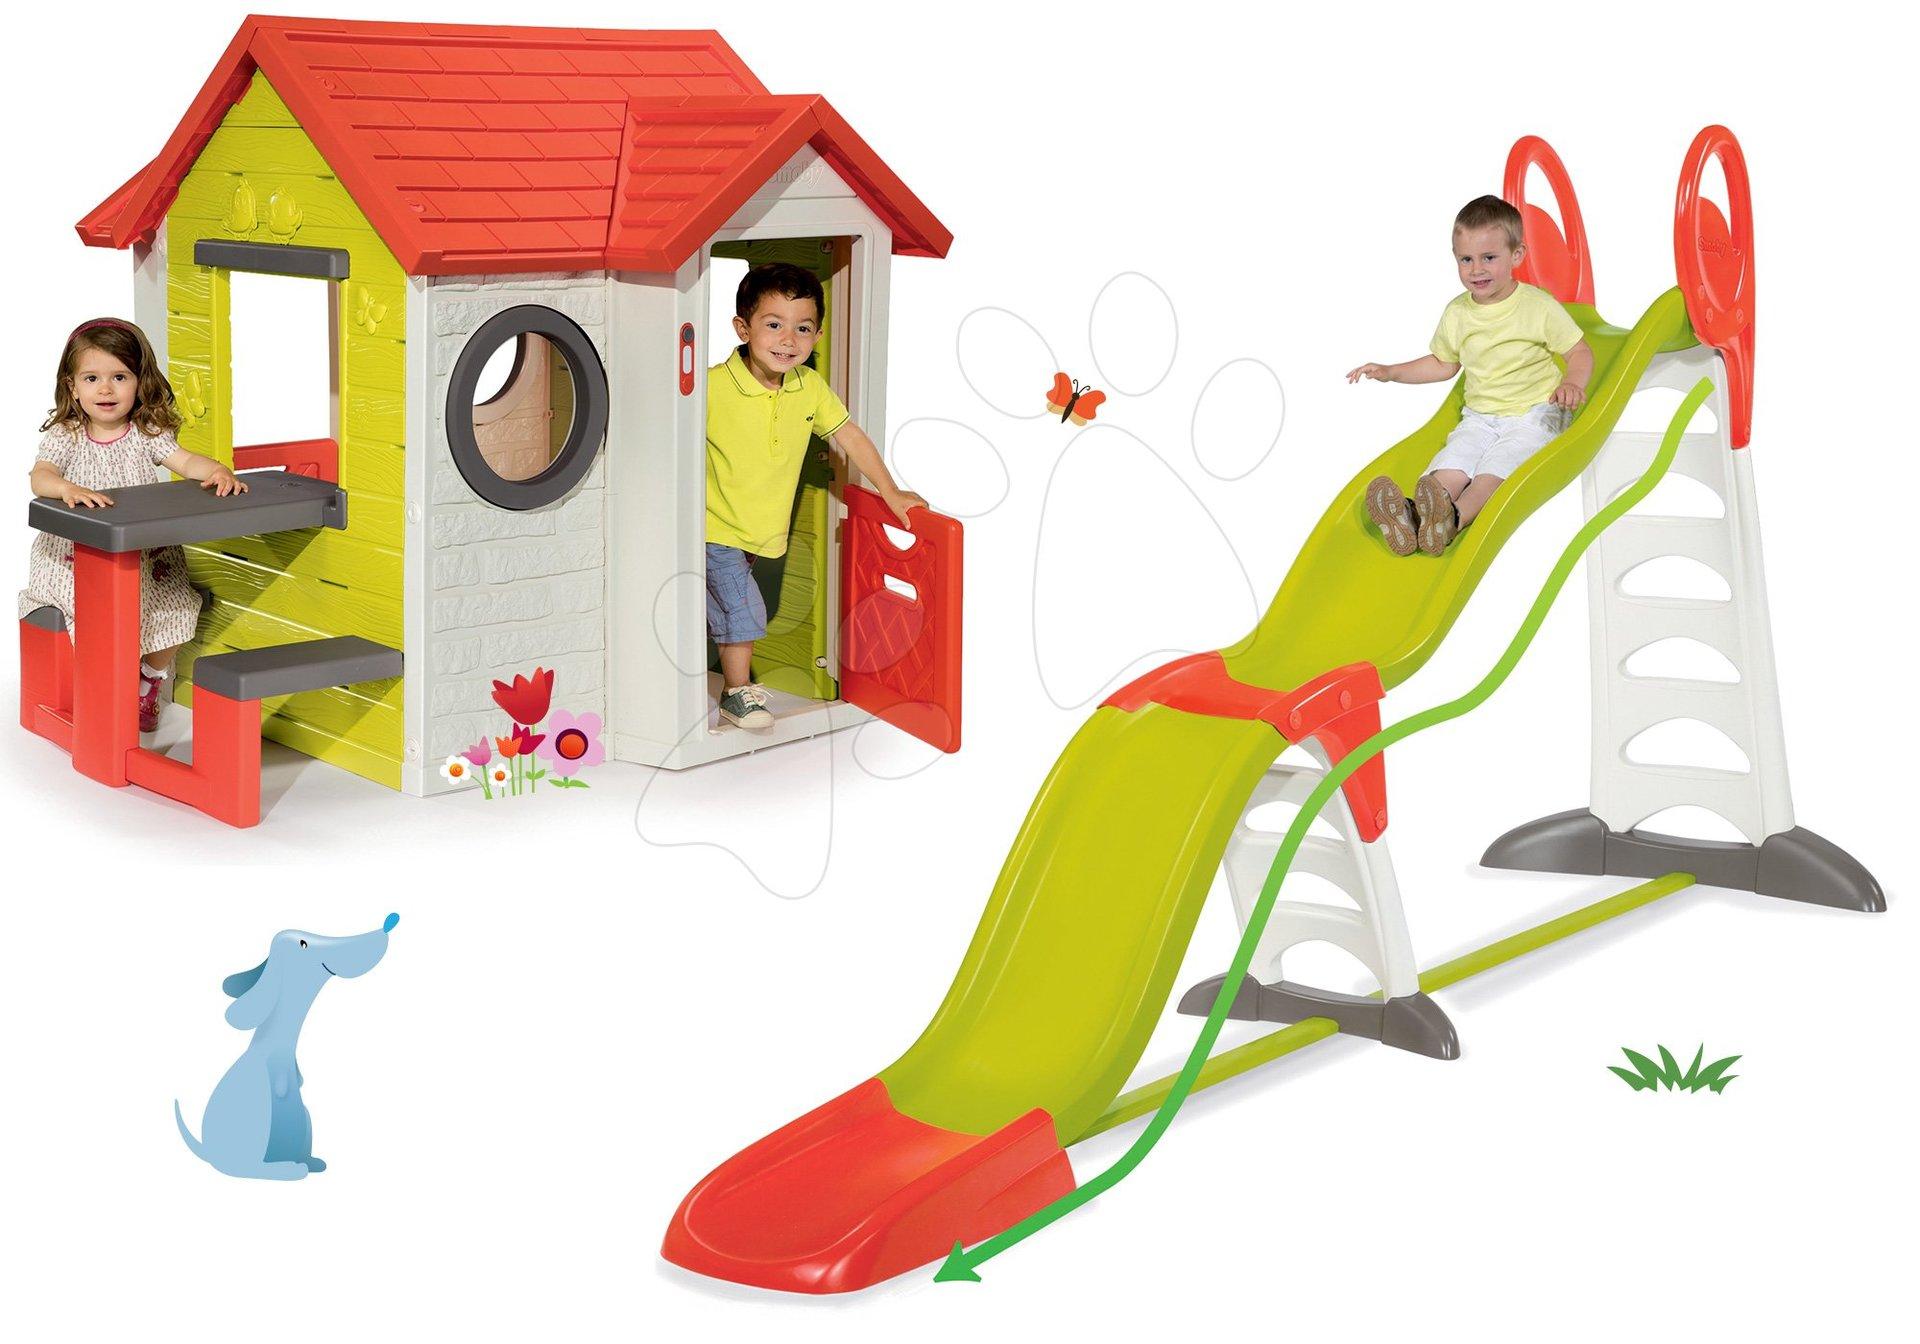 Set domeček My House se zvonkem Smoby a skluzavka Toboggan Super Megagliss 2v1 délka 3,75/1,5 m od 24 měsíců